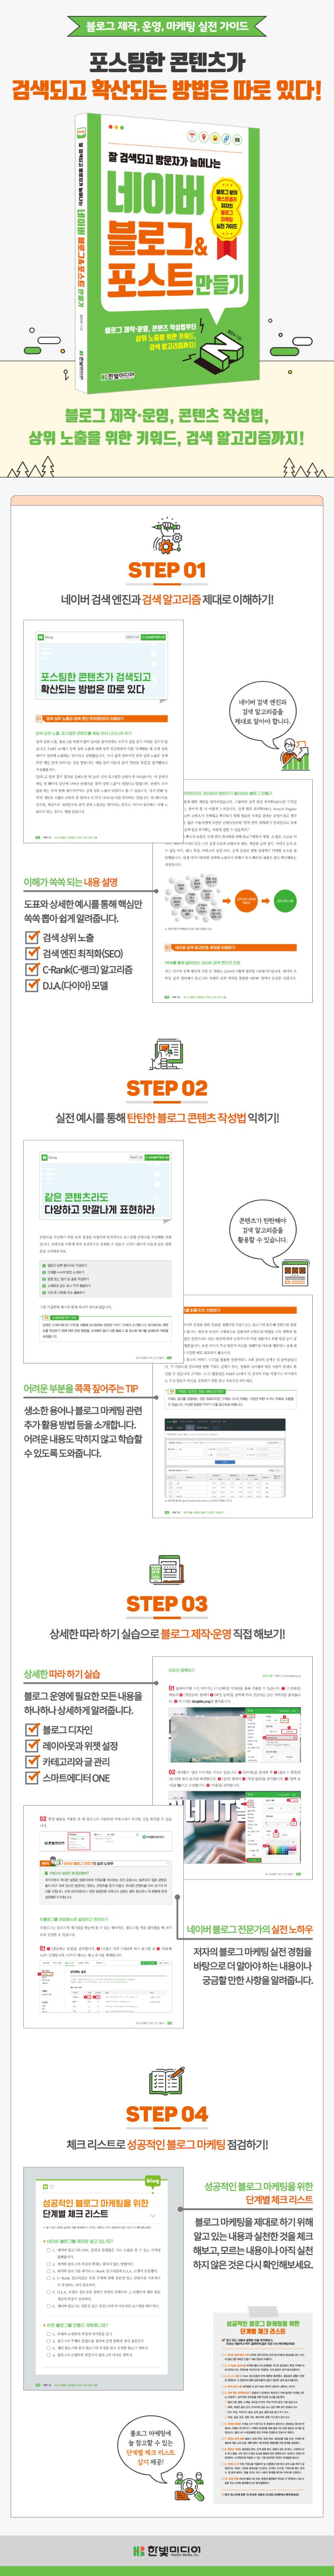 네이버 블로그&포스트 만들기 상세페이지_최종_수정.png